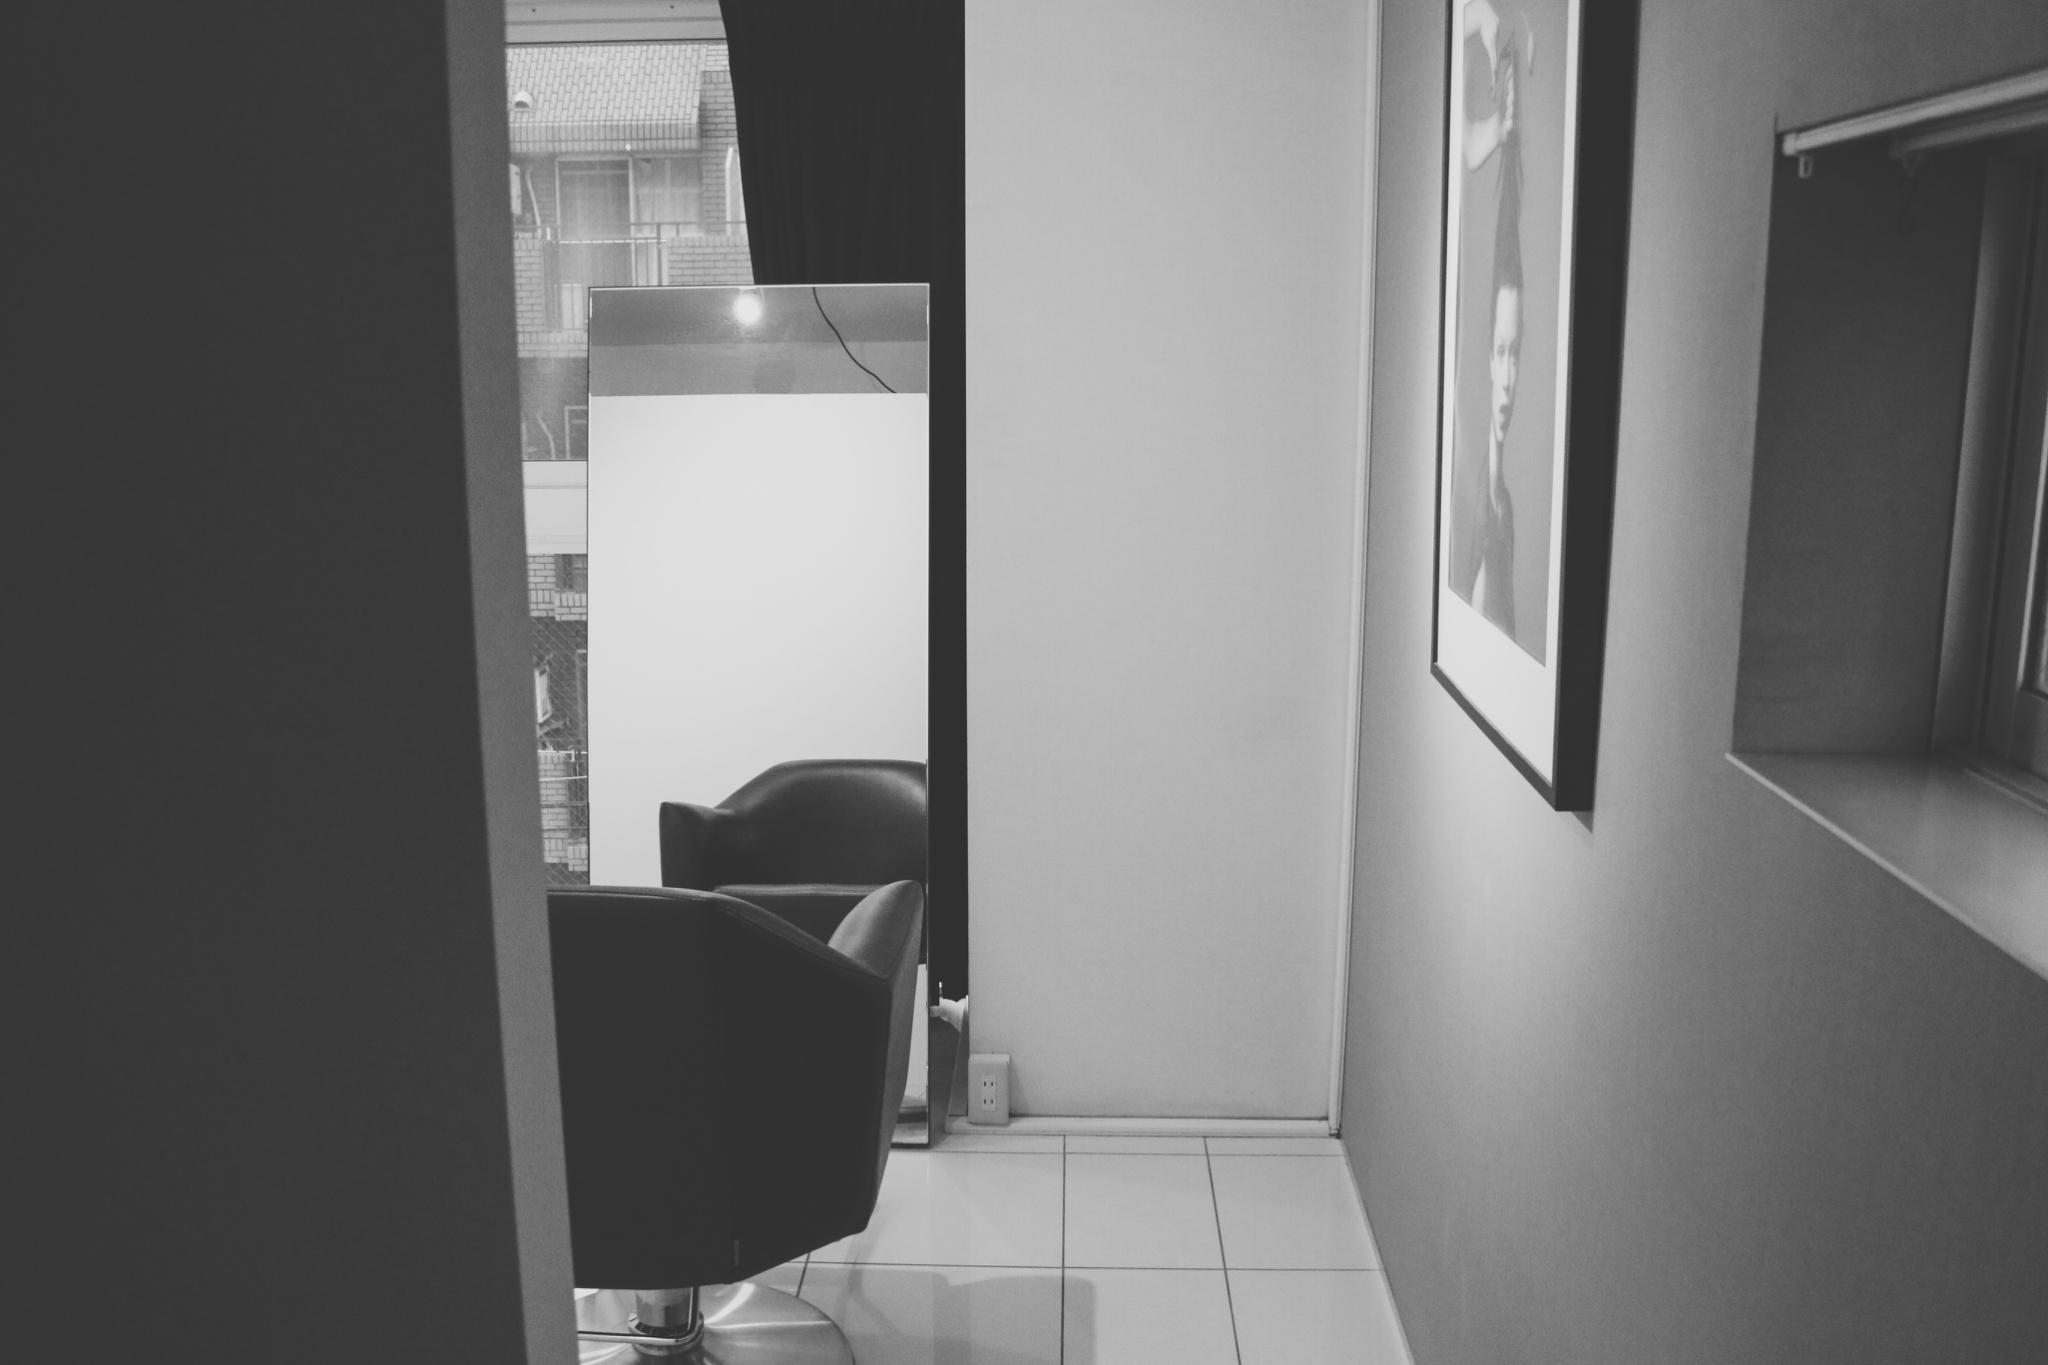 入店からお会計までお客様にもよろこばれる個室空間